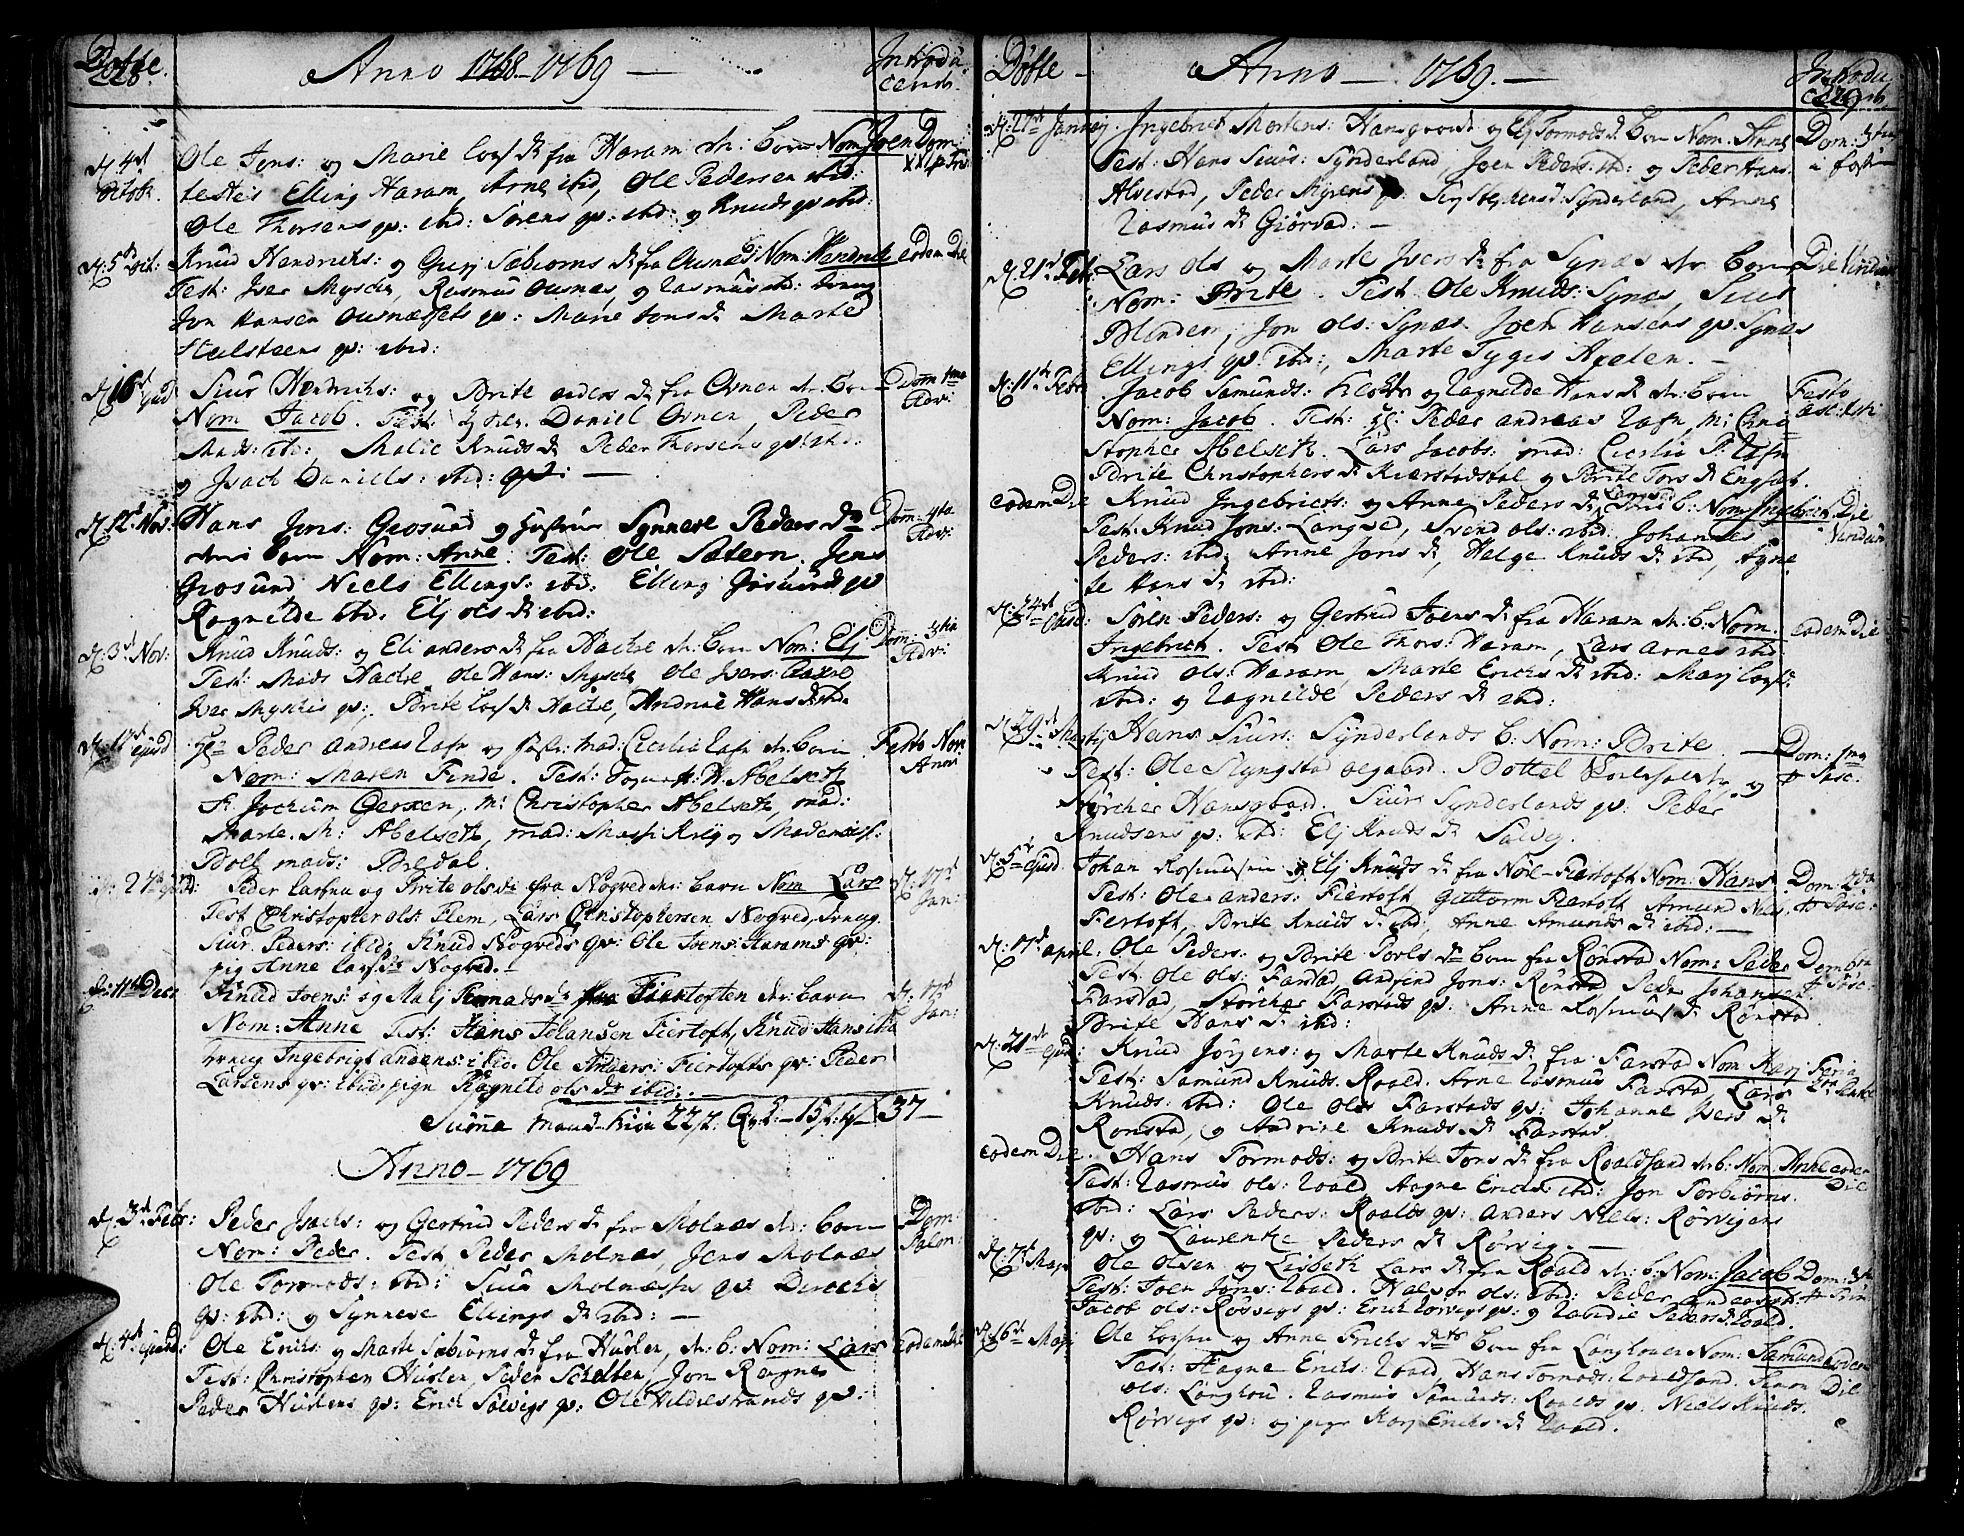 SAT, Ministerialprotokoller, klokkerbøker og fødselsregistre - Møre og Romsdal, 536/L0493: Ministerialbok nr. 536A02, 1739-1802, s. 228-229